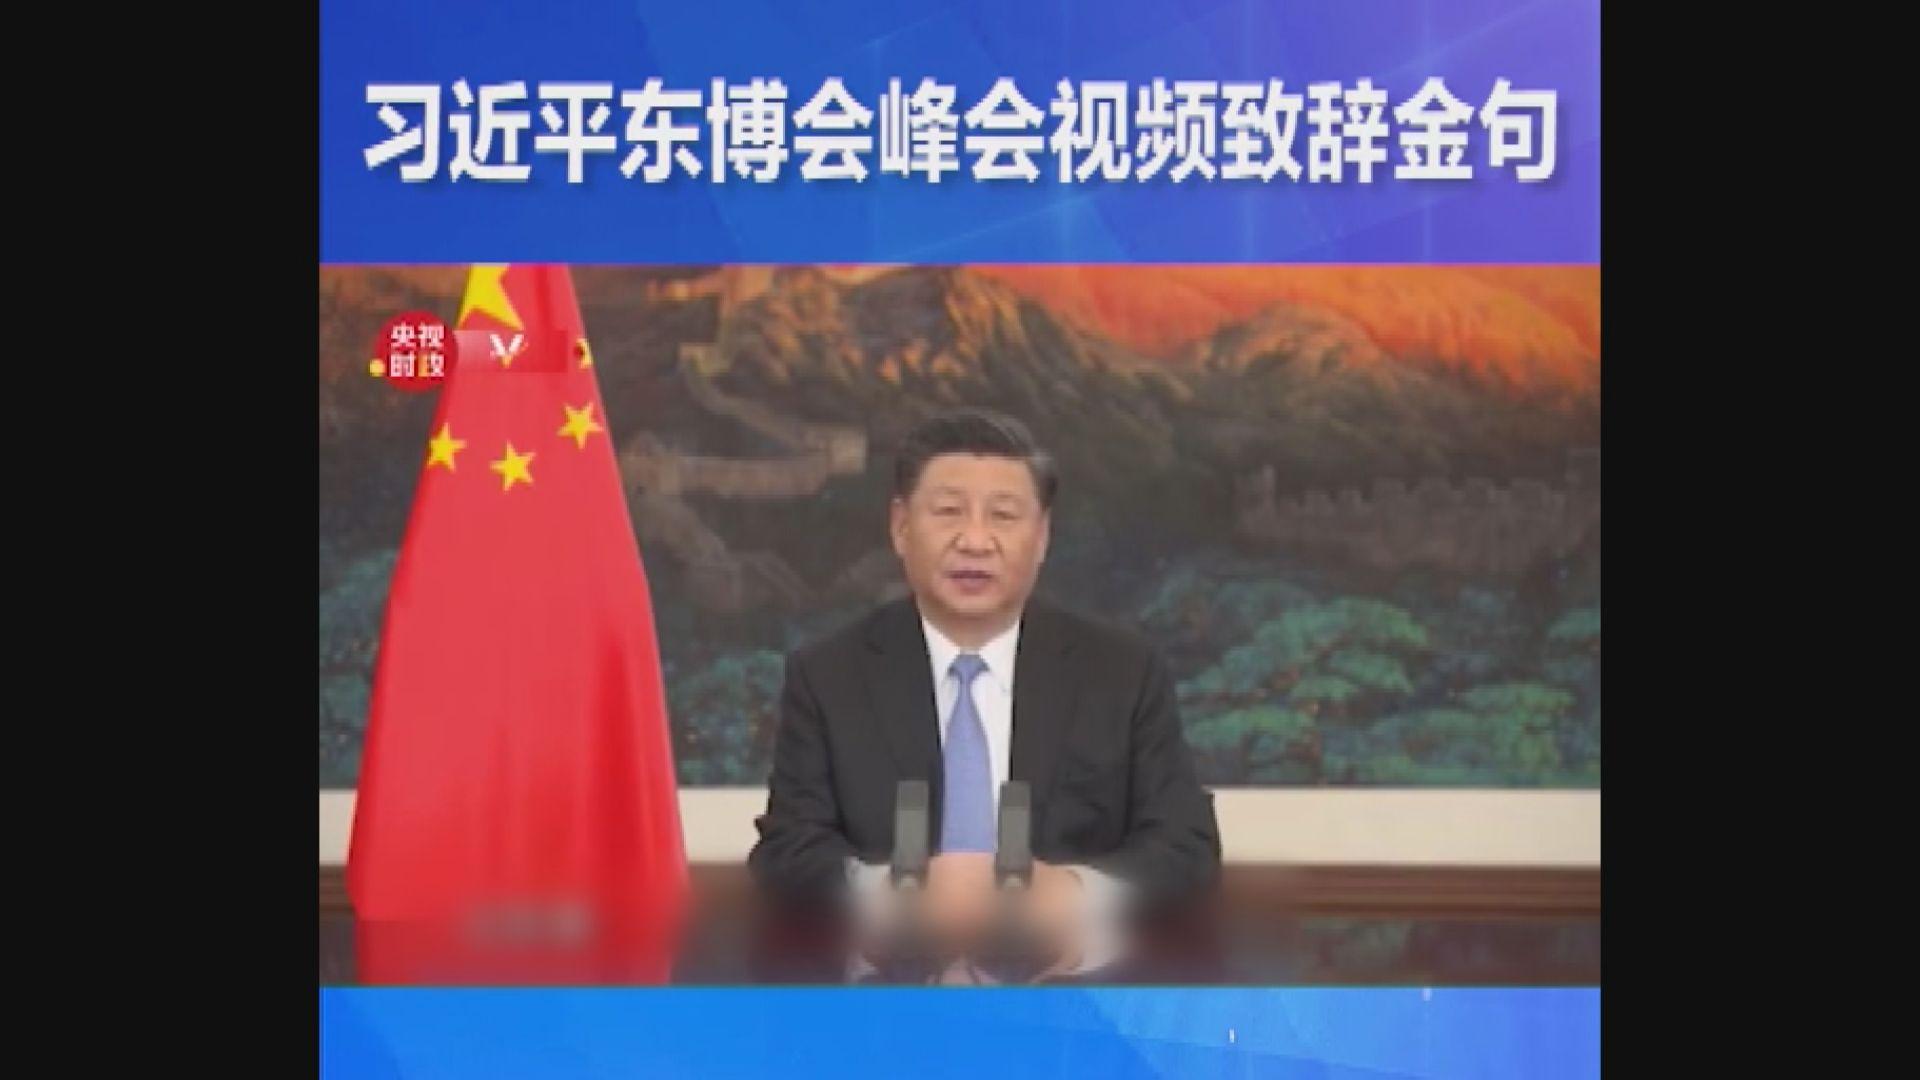 習近平:建設更緊密中國-東盟命運共同體